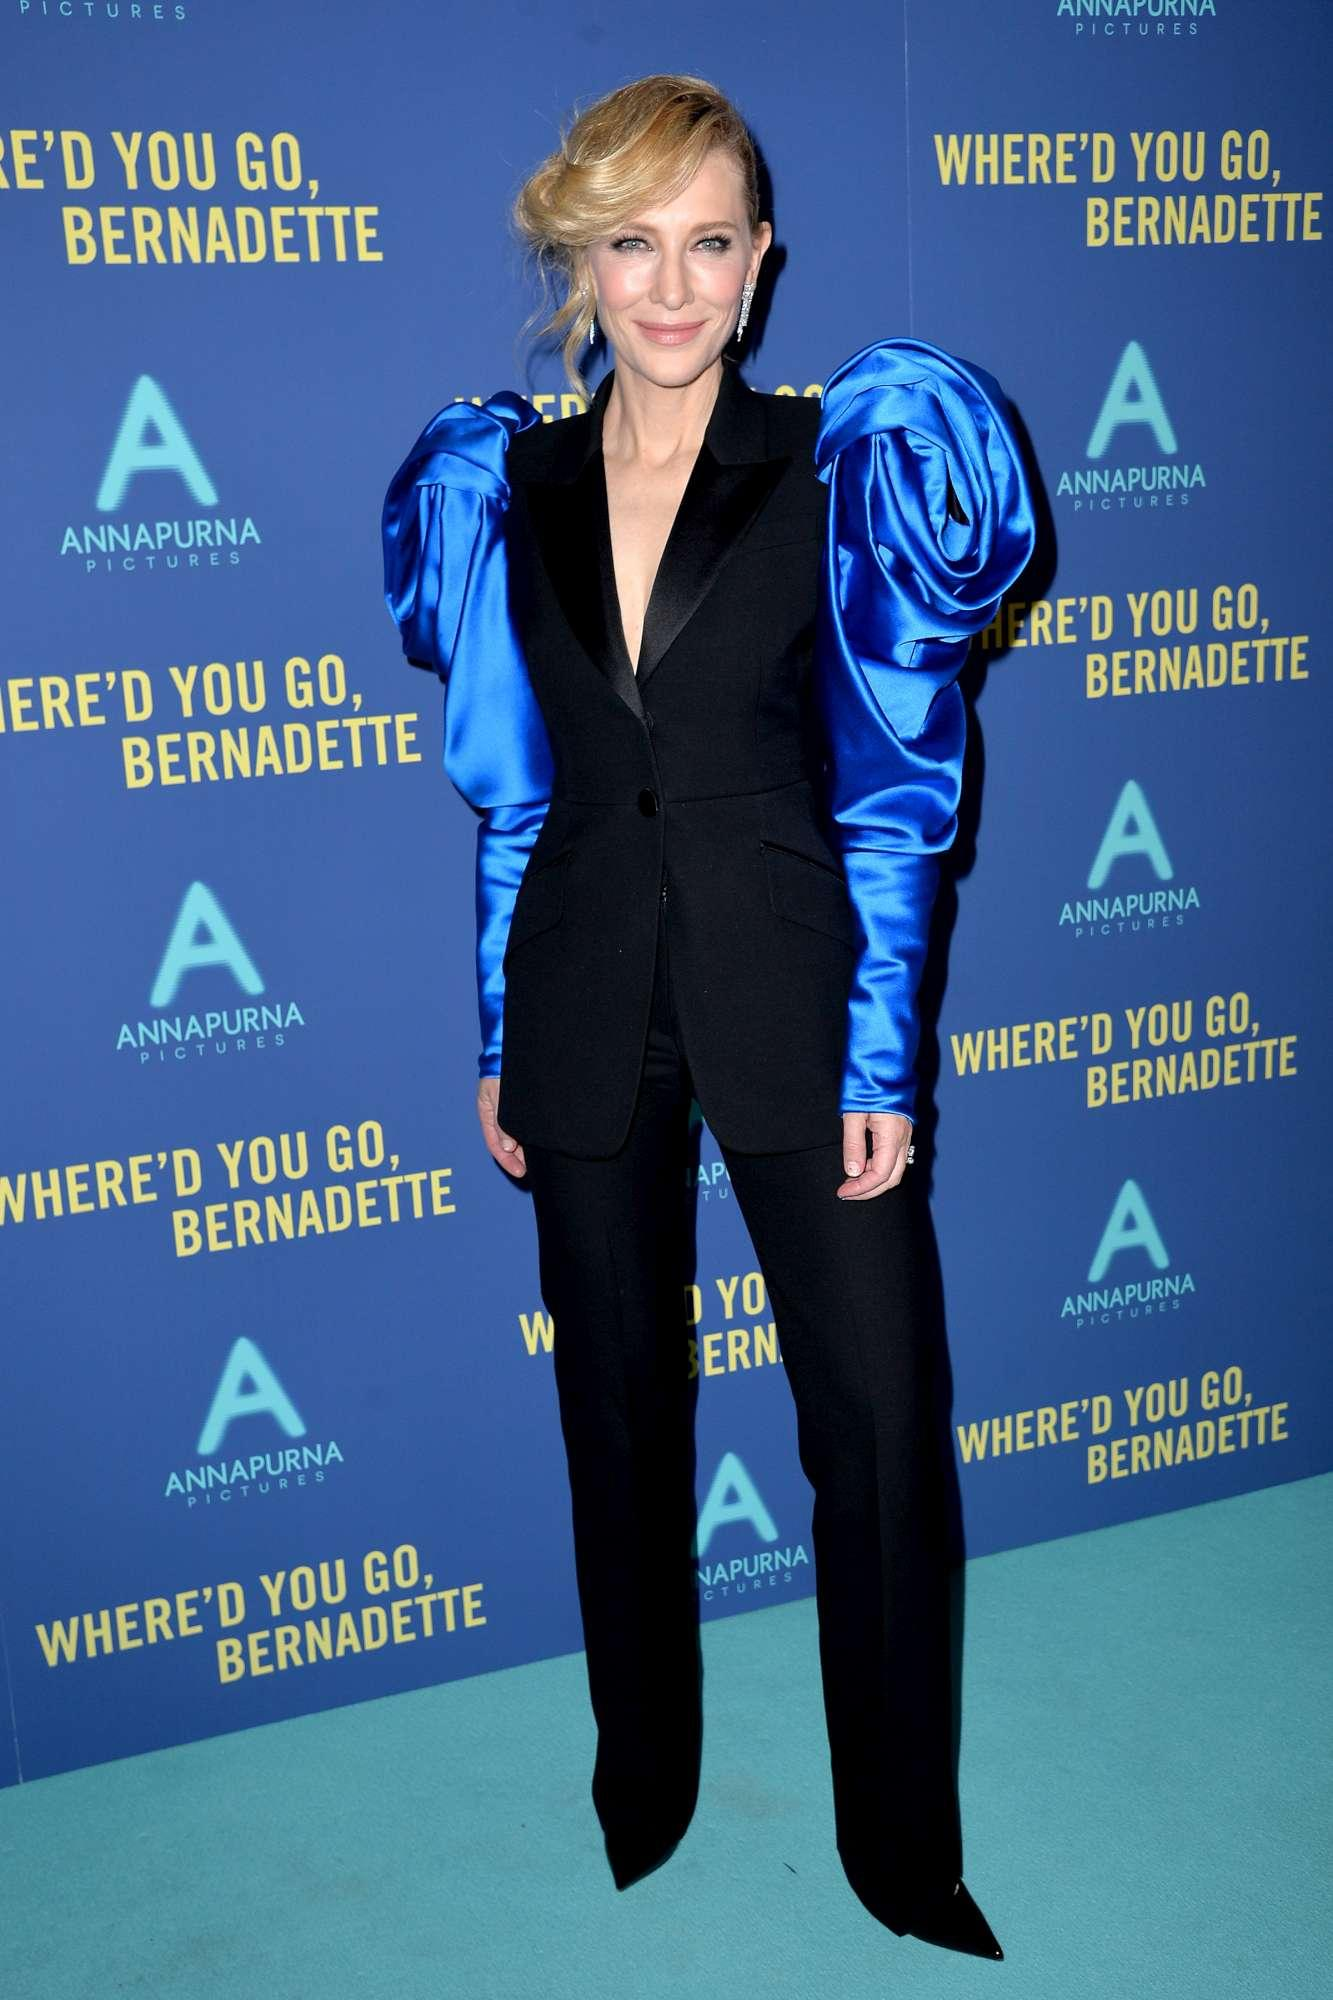 Cate Blanchett medita il ritiro:  Forse è arrivato il momento di smettere di recitare